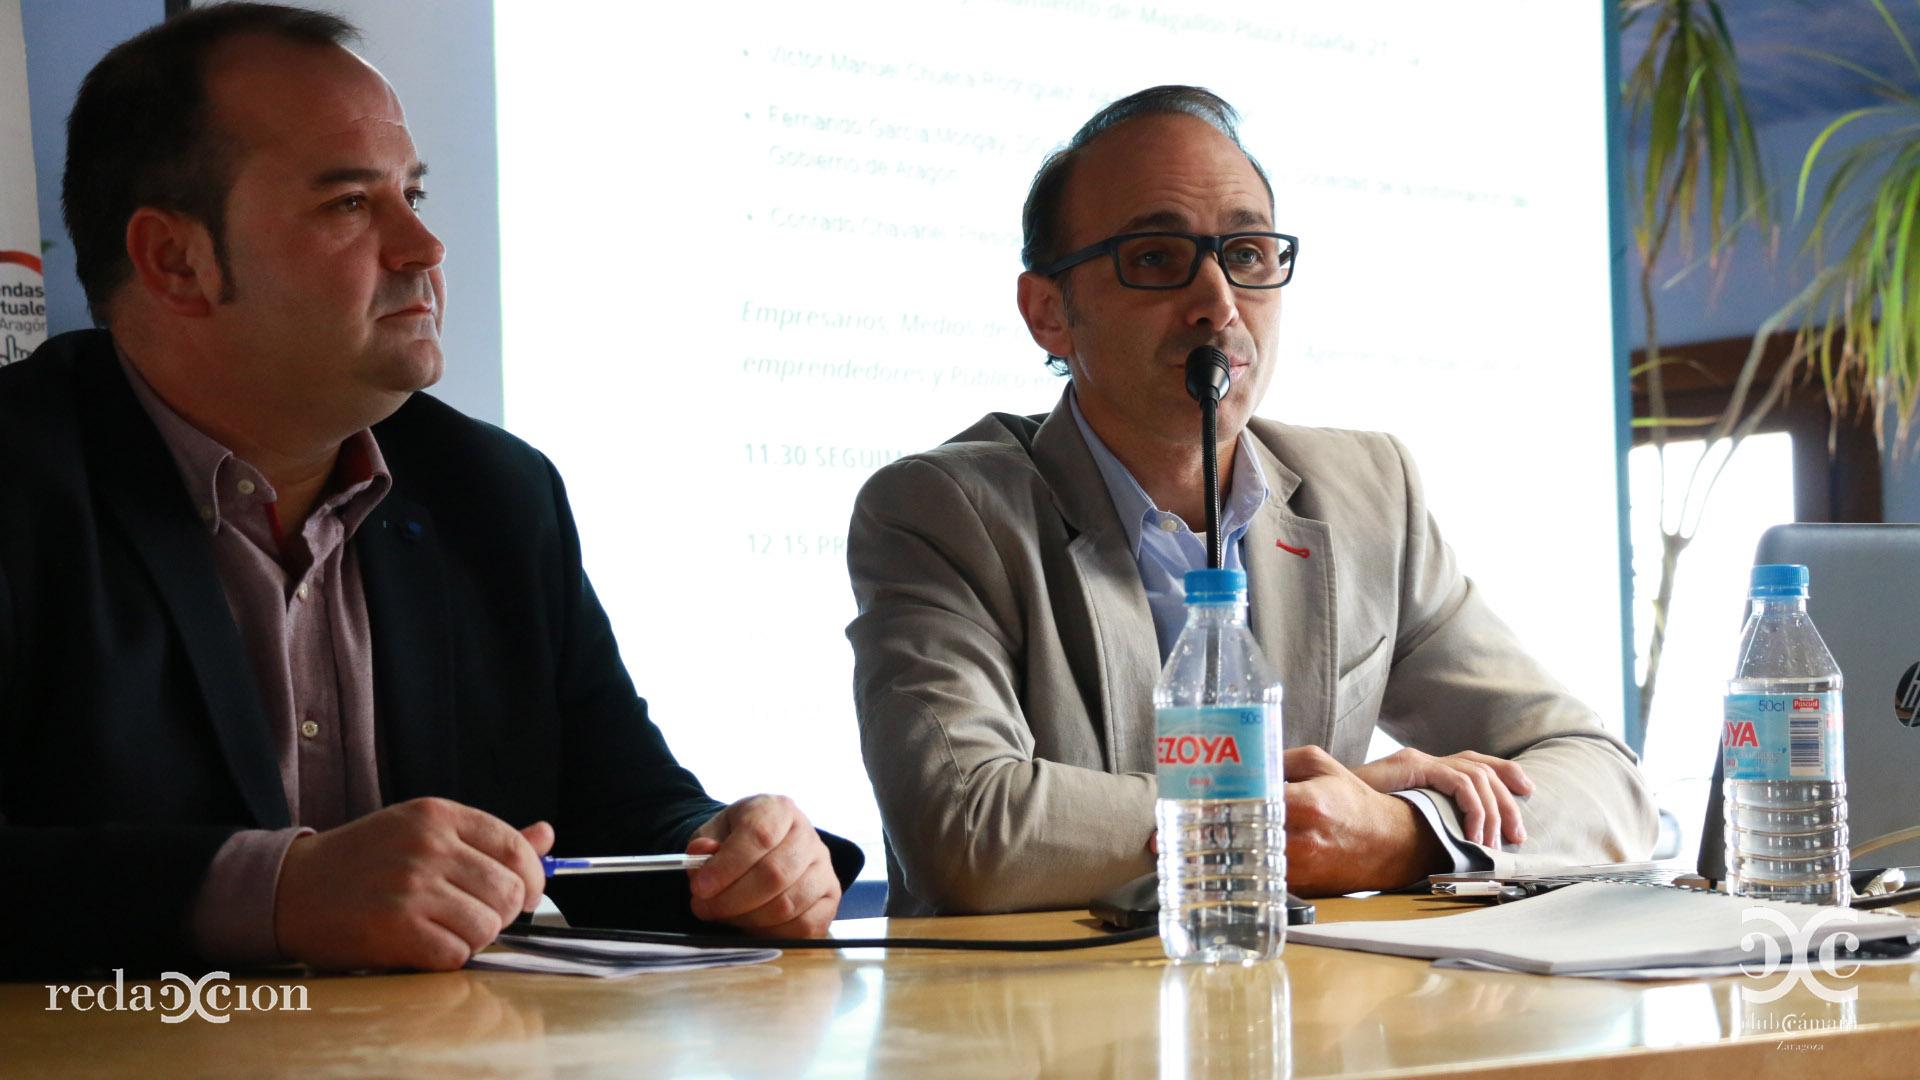 victor-manuel-chueca-rodriguez-alcalde-de-magallon-y-conrado-chavanel-presidente-de-la-atva